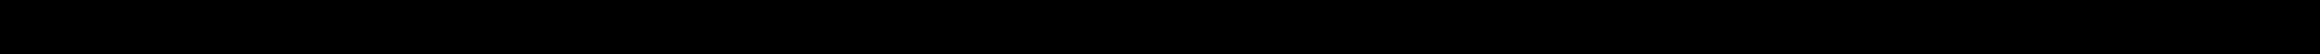 BOUGICORD 9800991480 Jutiklis, alkūninio veleno impulsas